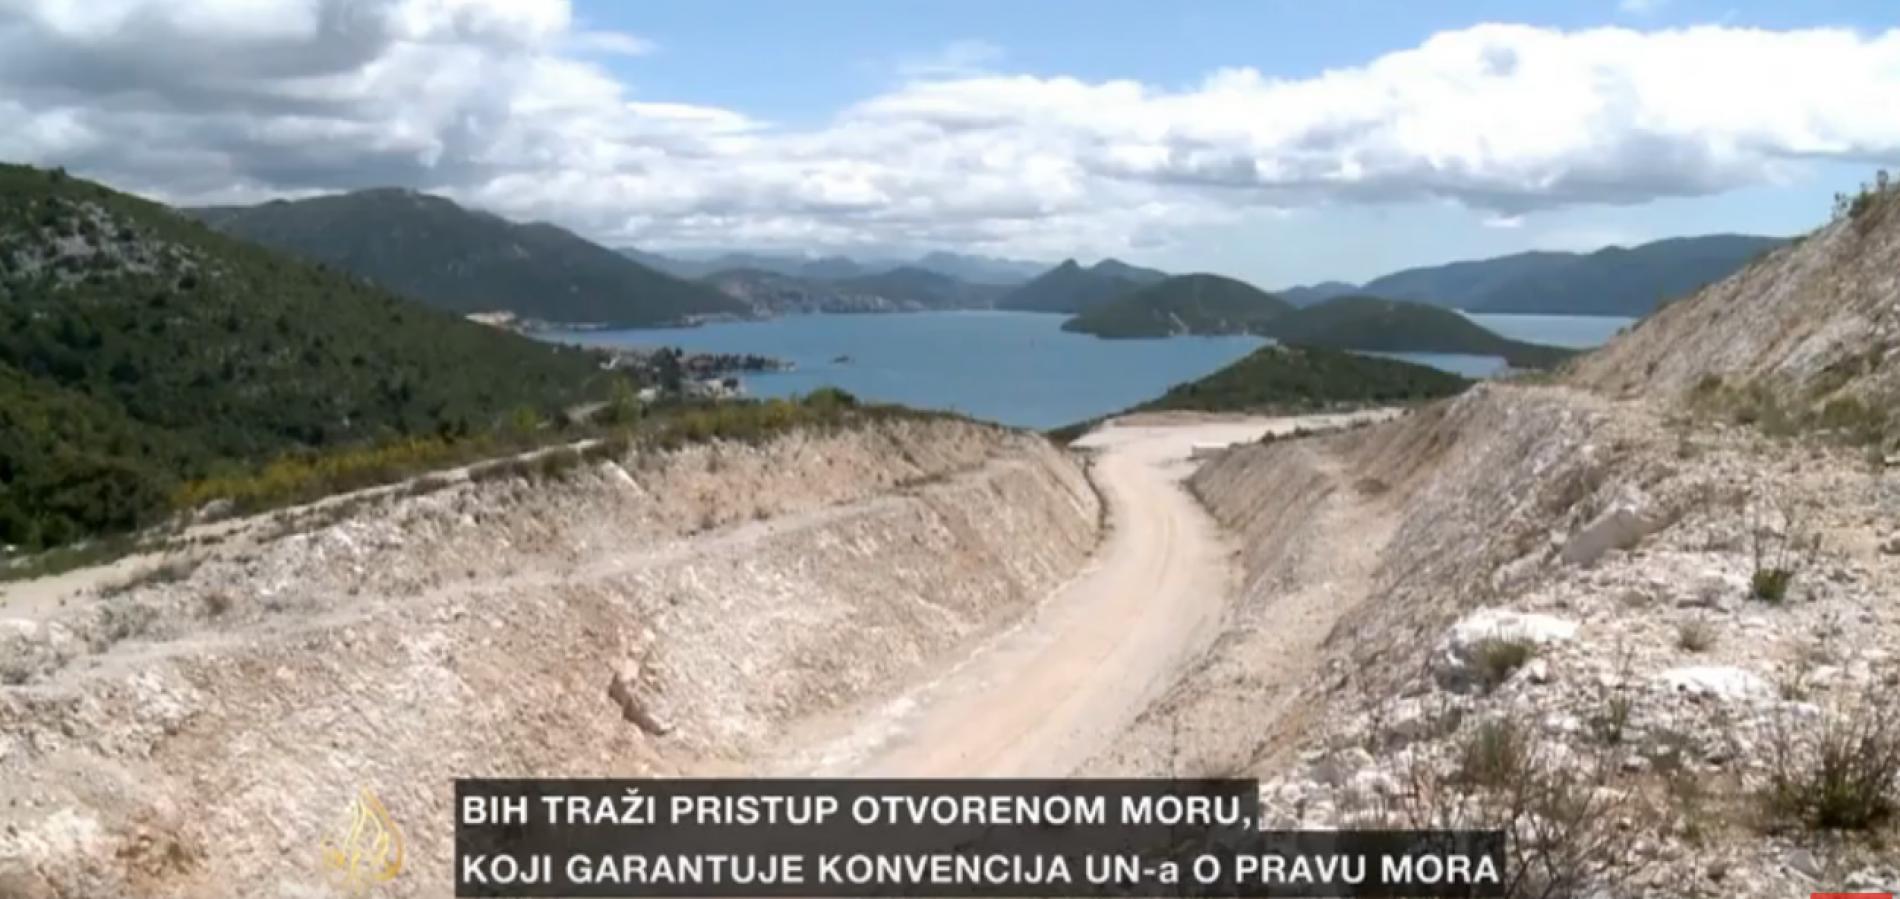 EK odobrila gradnju Pelješkog mosta na osnovu lažne dokumentacije